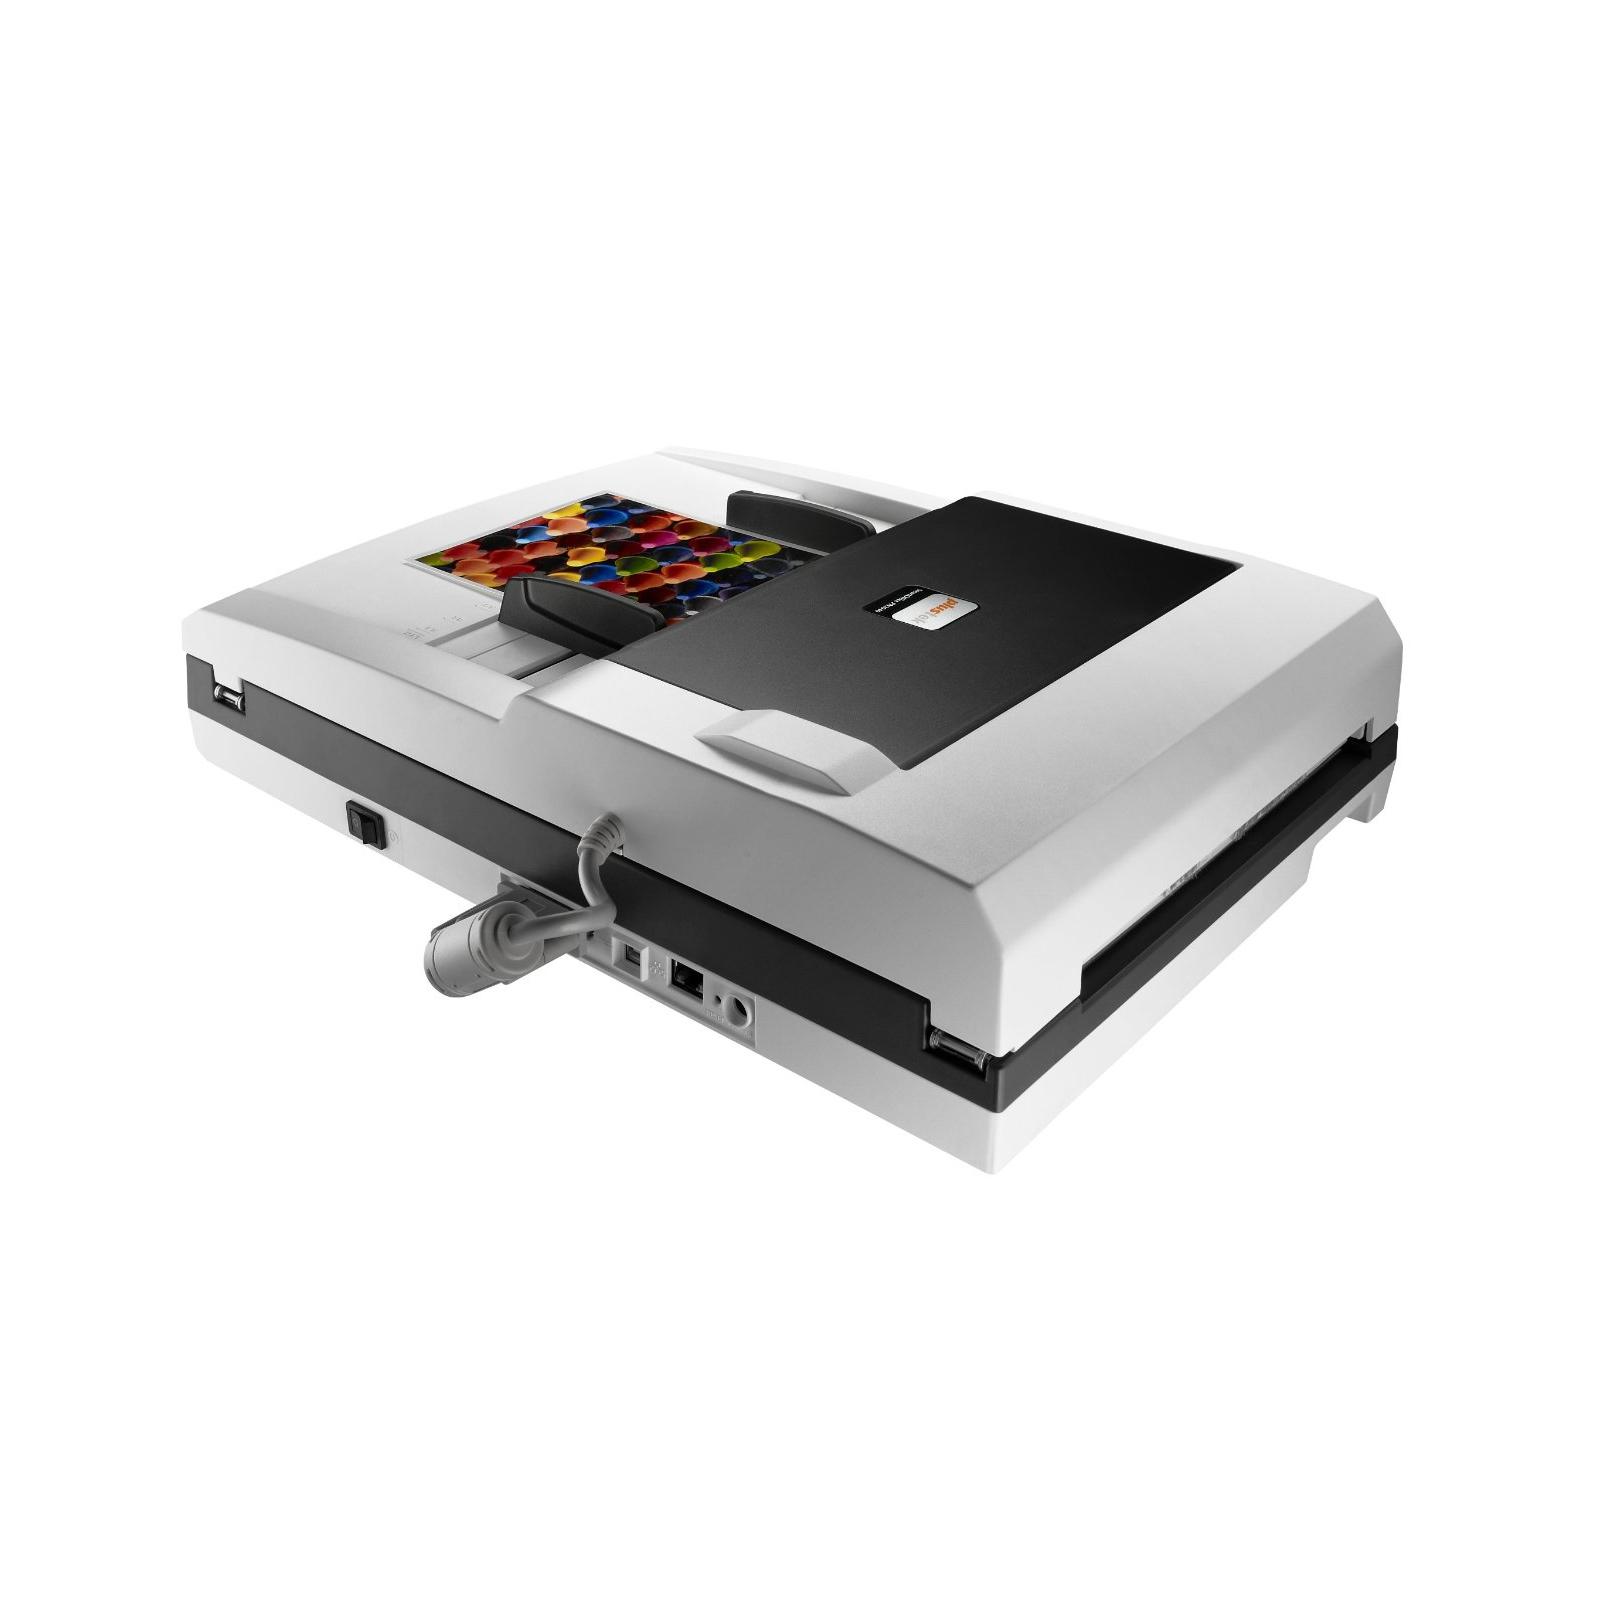 Сканер Plustek SmartOffice PN2040 (0204TS) изображение 3